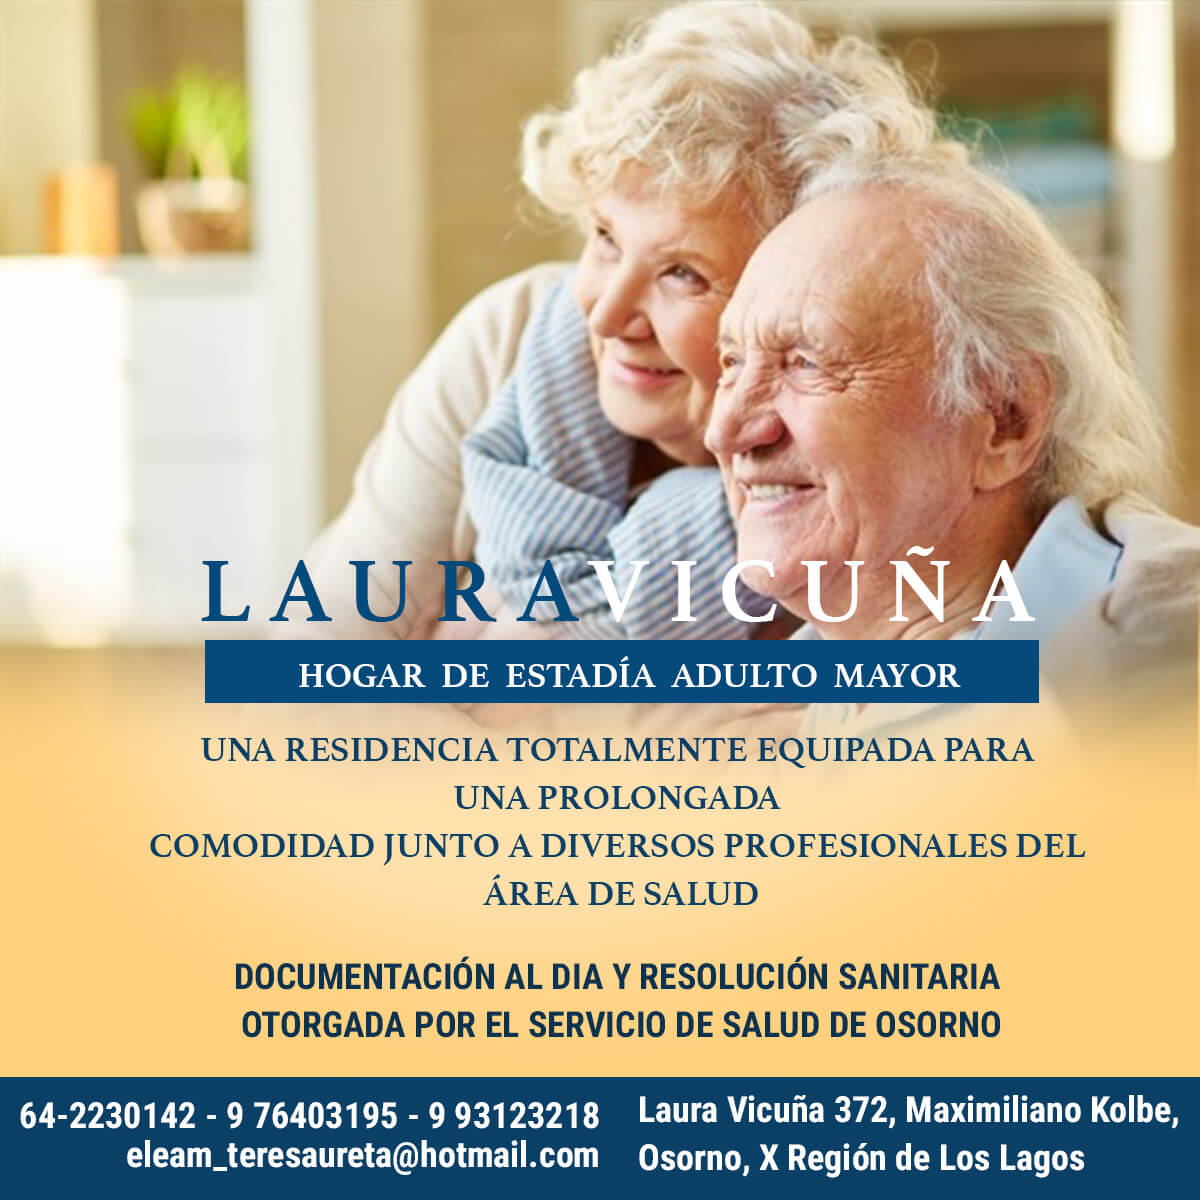 Hogar Laura Vicuña